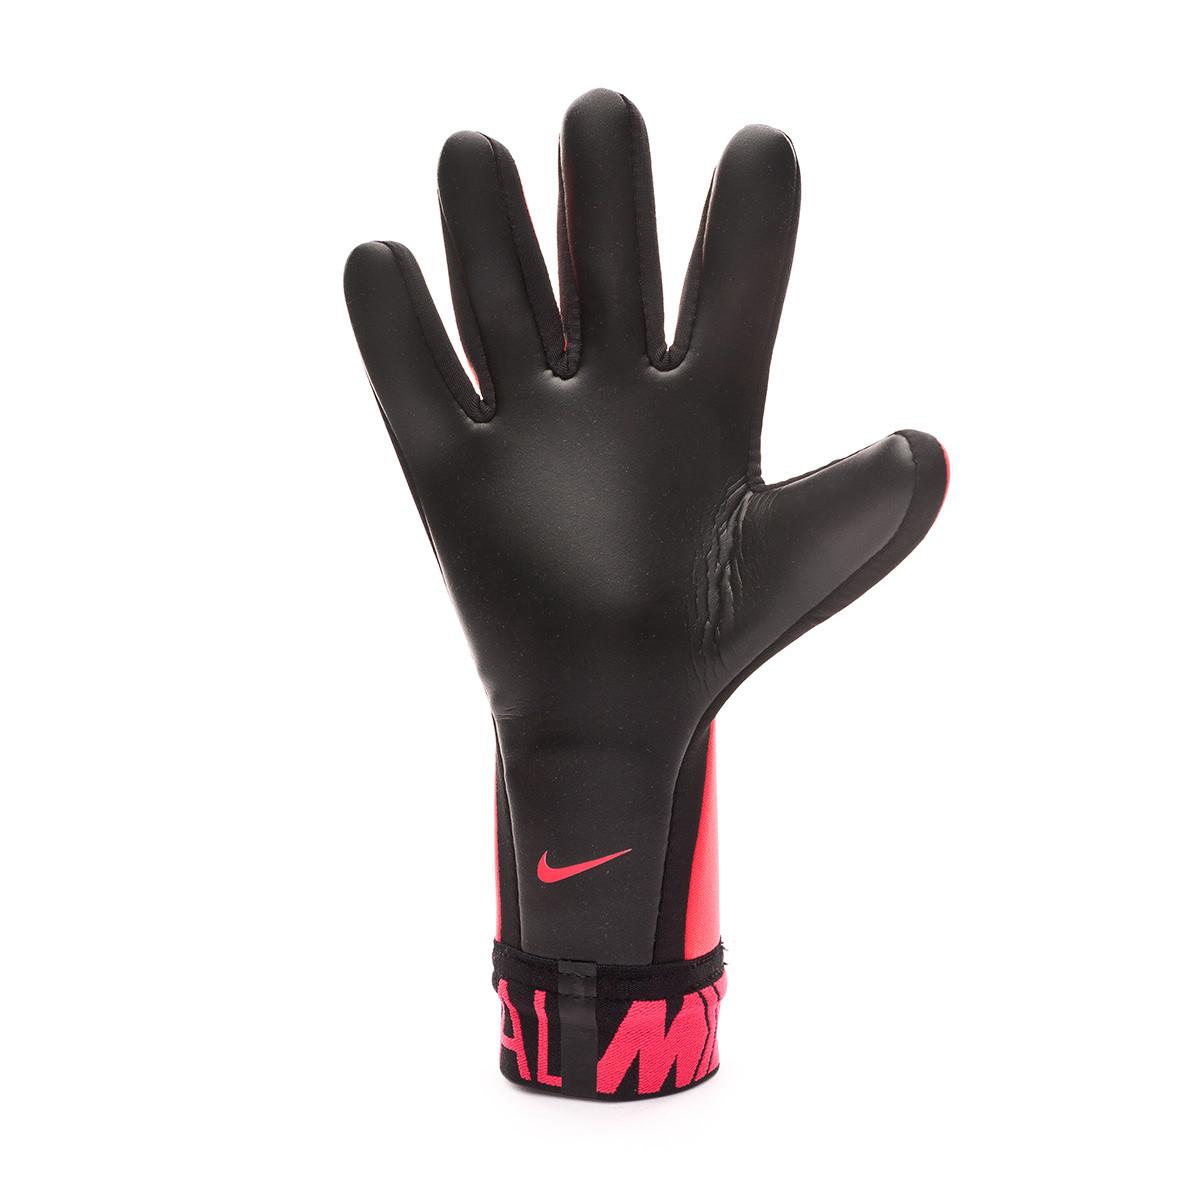 Mortal Encantada de conocerte Amarillento  Glove Nike Mercurial Touch Victory Laser crimson-Black - Football store  Fútbol Emotion